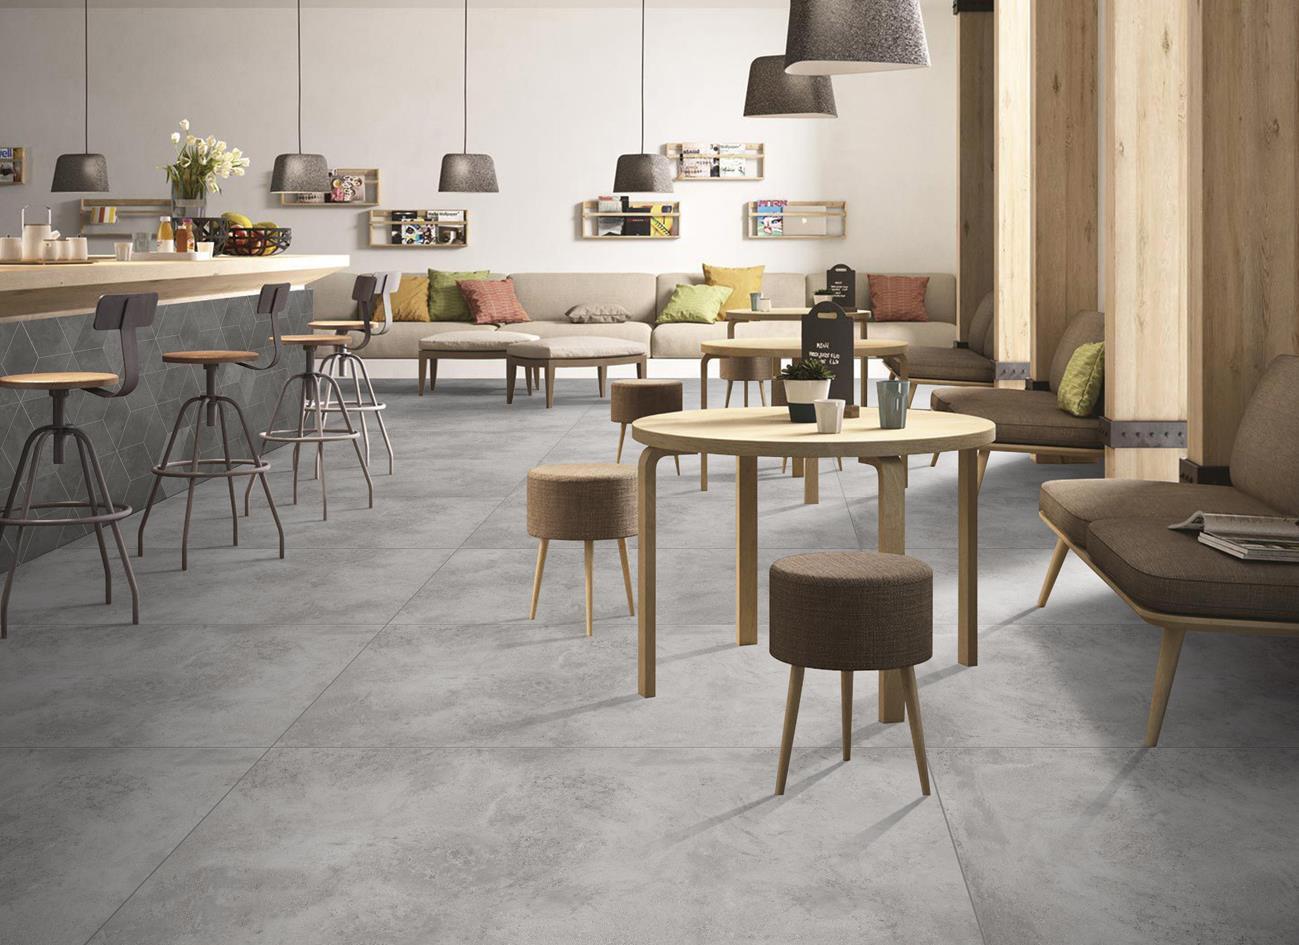 家居地面铺生态仿石瓷砖好吗?生态仿石瓷砖有哪些特点?